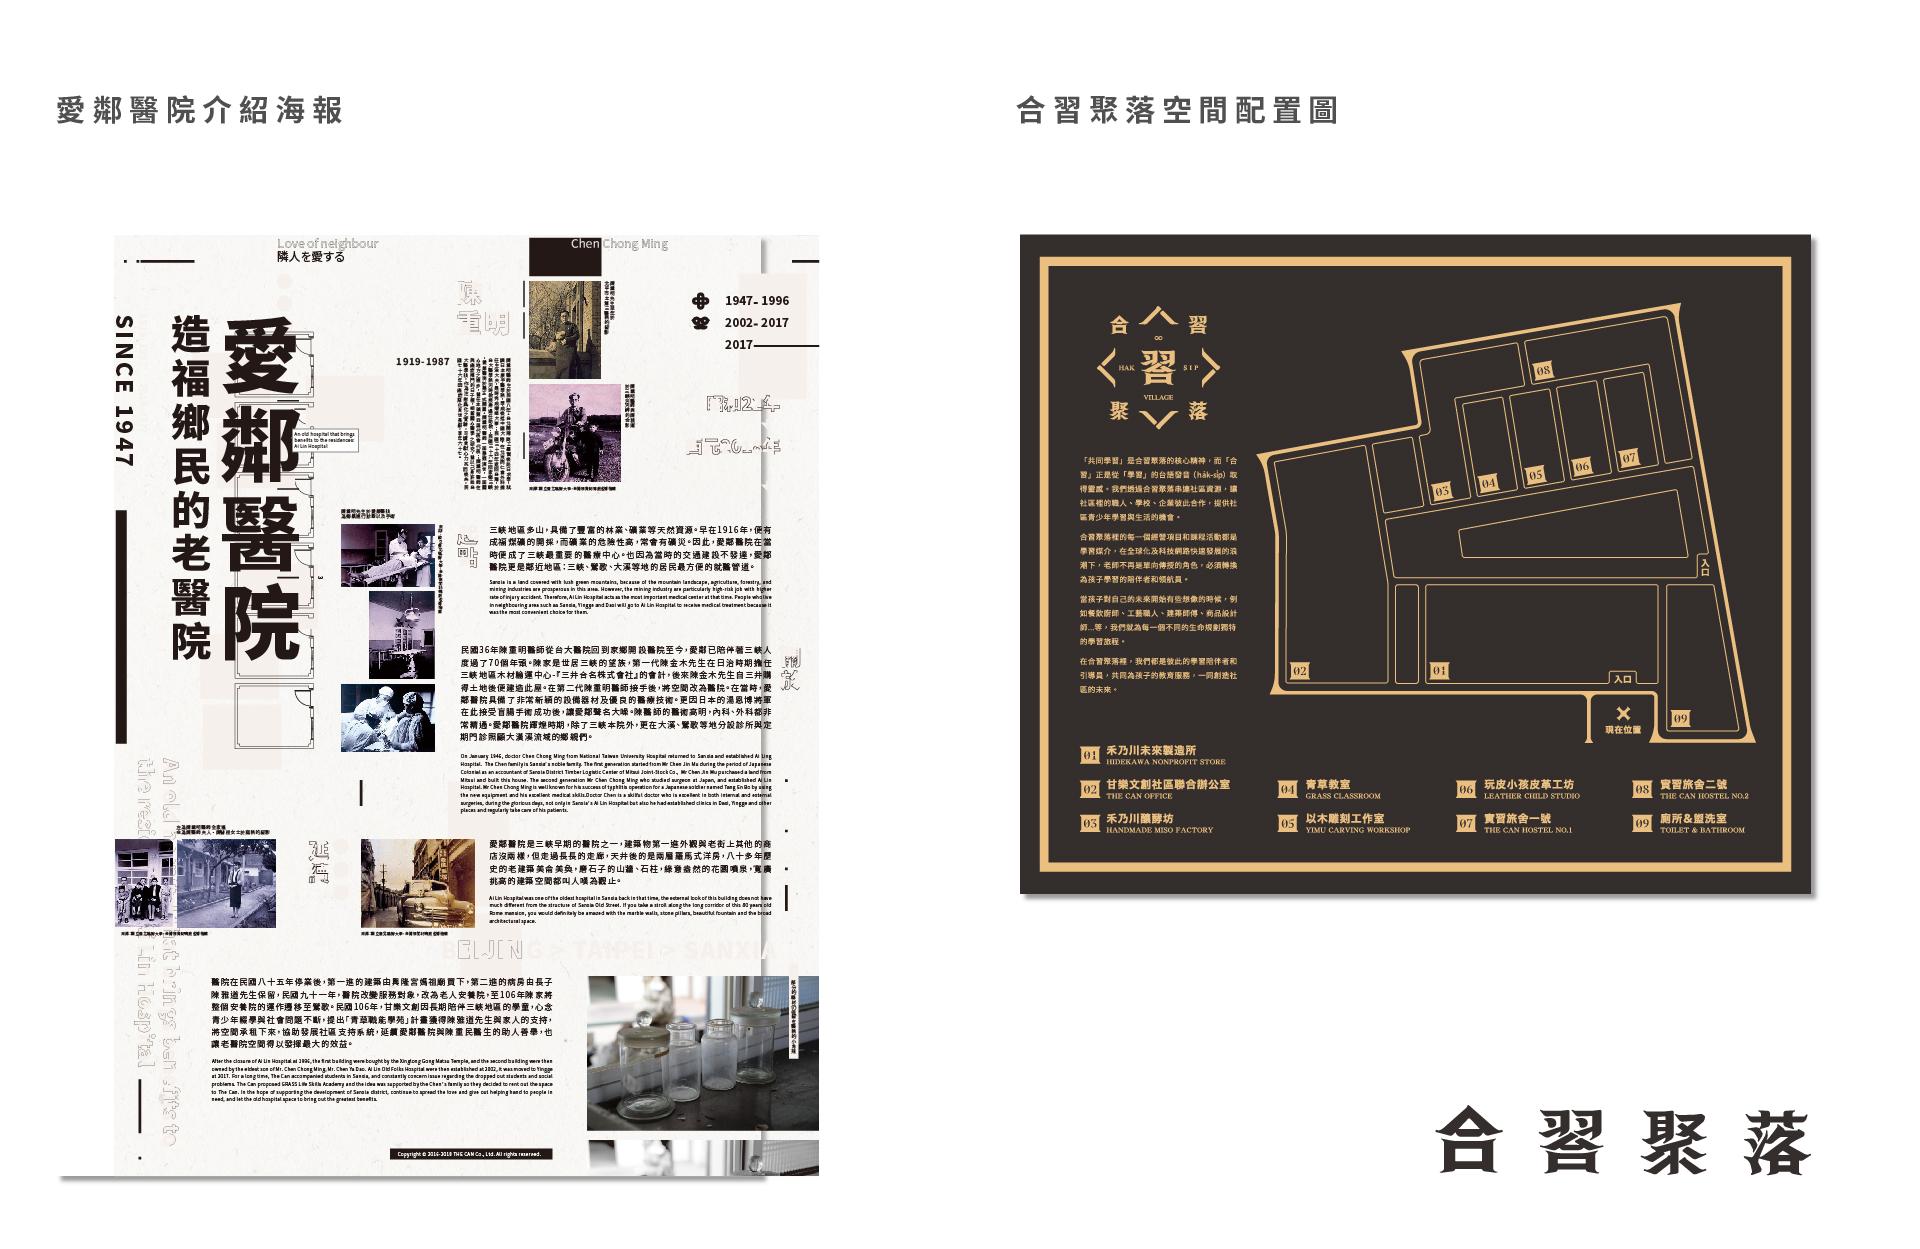 愛鄰醫院介紹海報及合習聚落空間配置圖   合習聚落   三峽工藝&產業的共好實踐基地